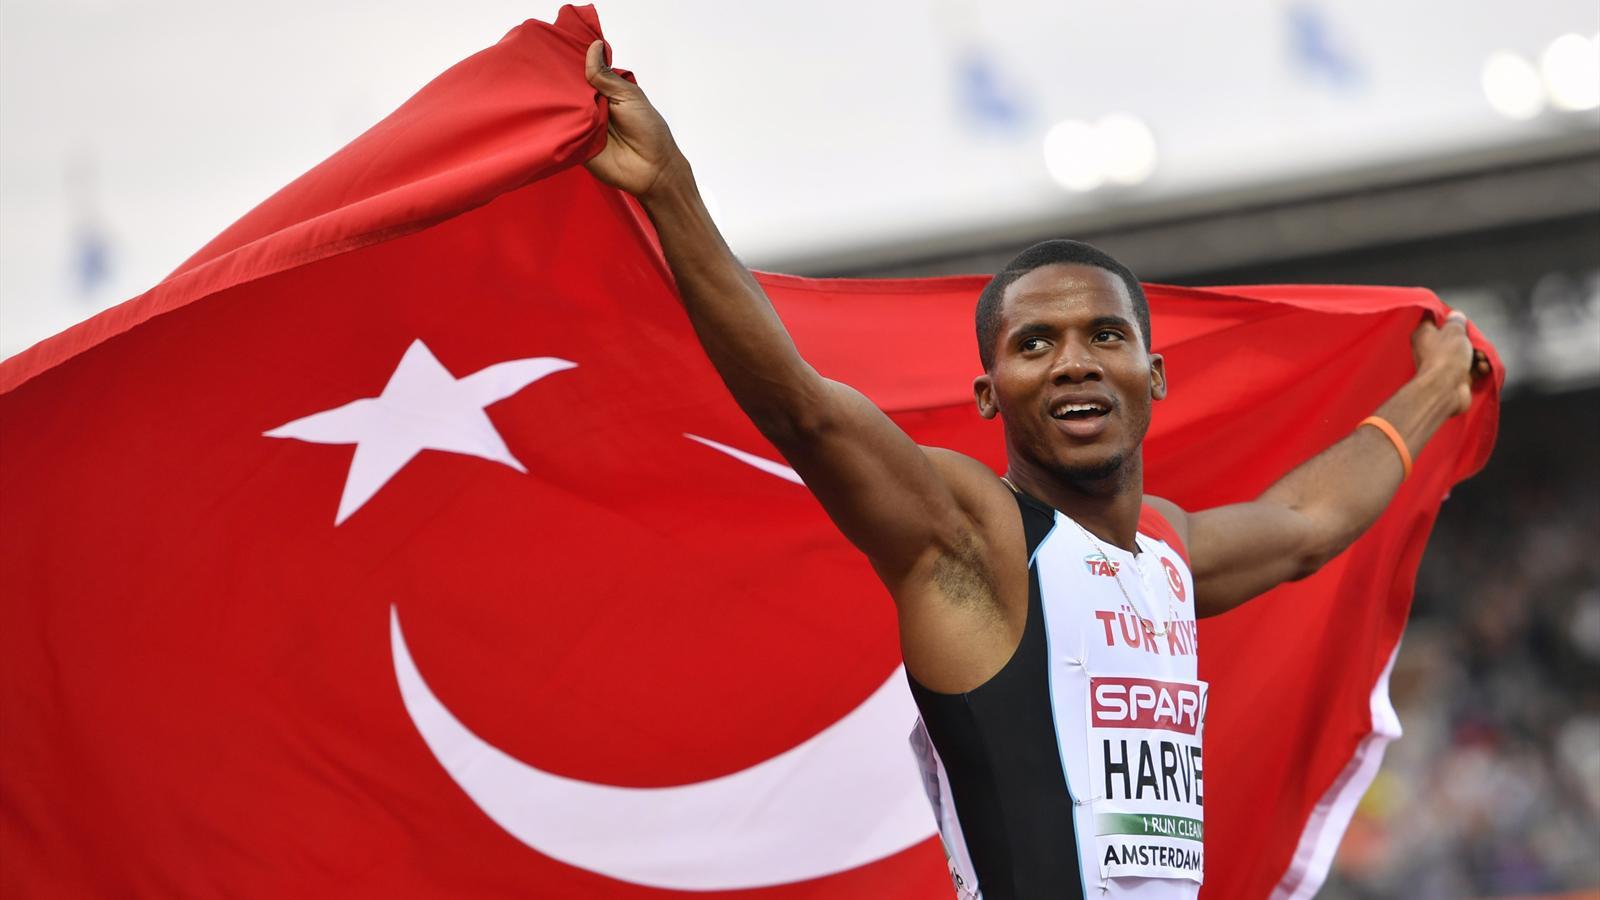 Avrupa atletizminin zirvesindeki ülke: Türkiye